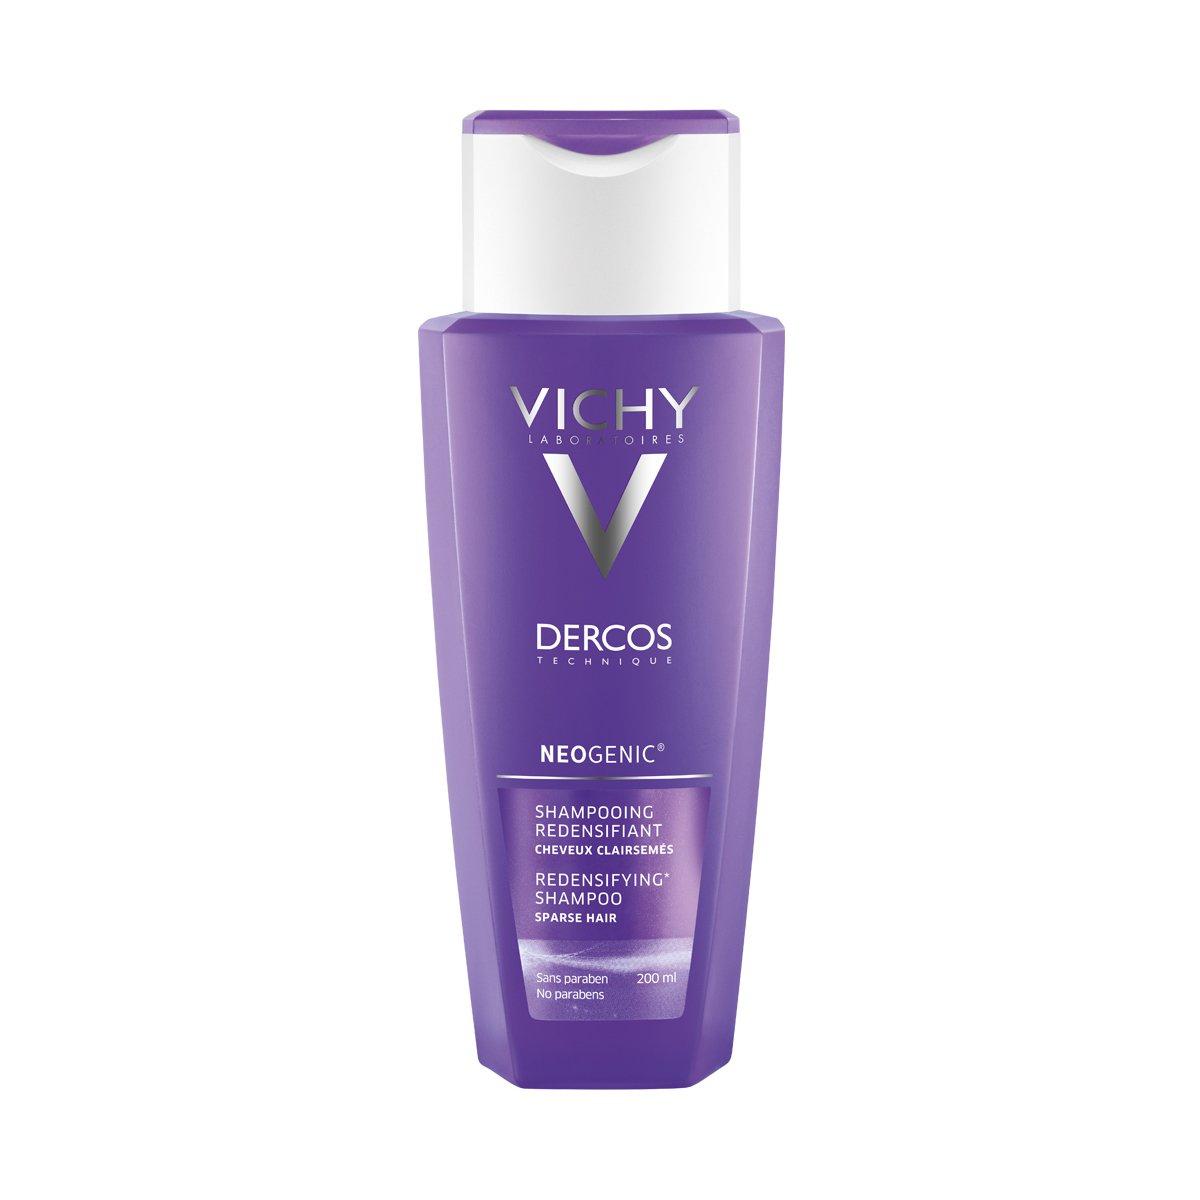 Vichy shampoo for hair loss: customer reviews